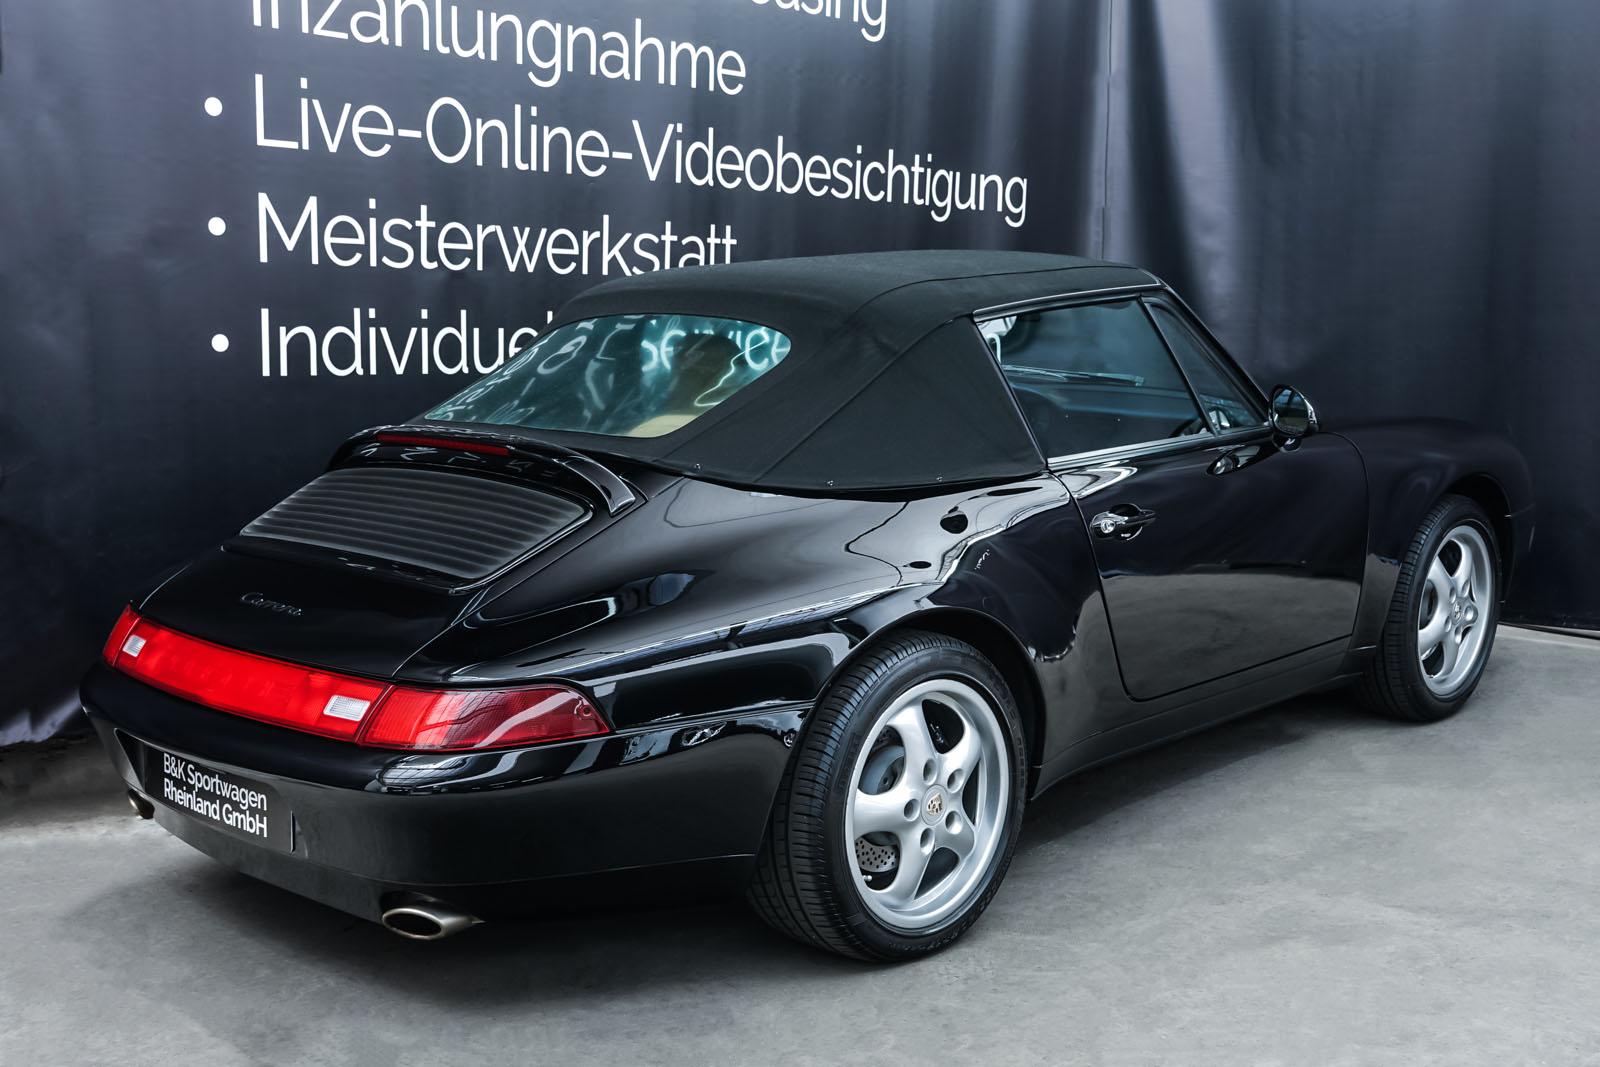 Porsche_993_C2_Cabrio_Black_Beige_POR-0137_20_w